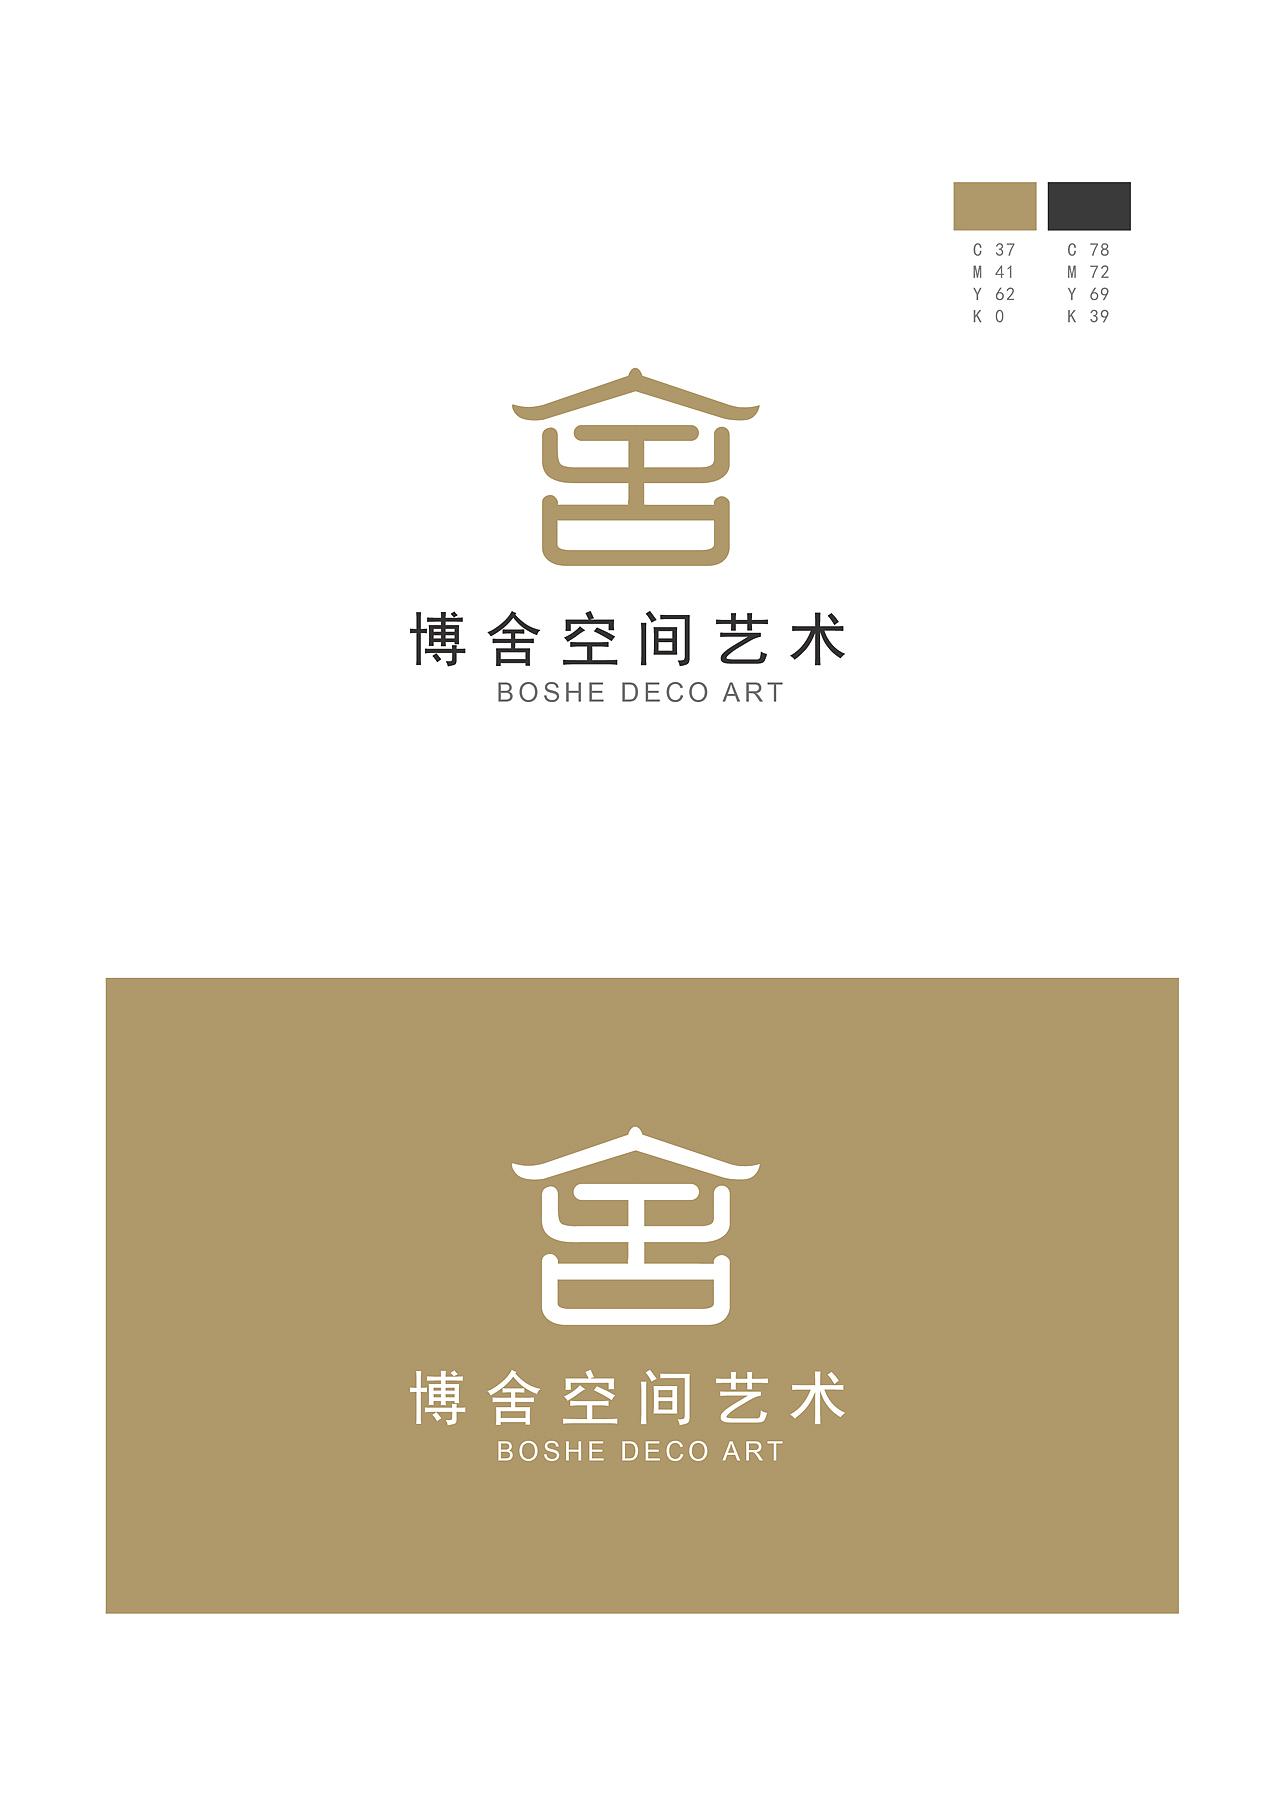 给一软装设计公司做的logo与名片设计图片